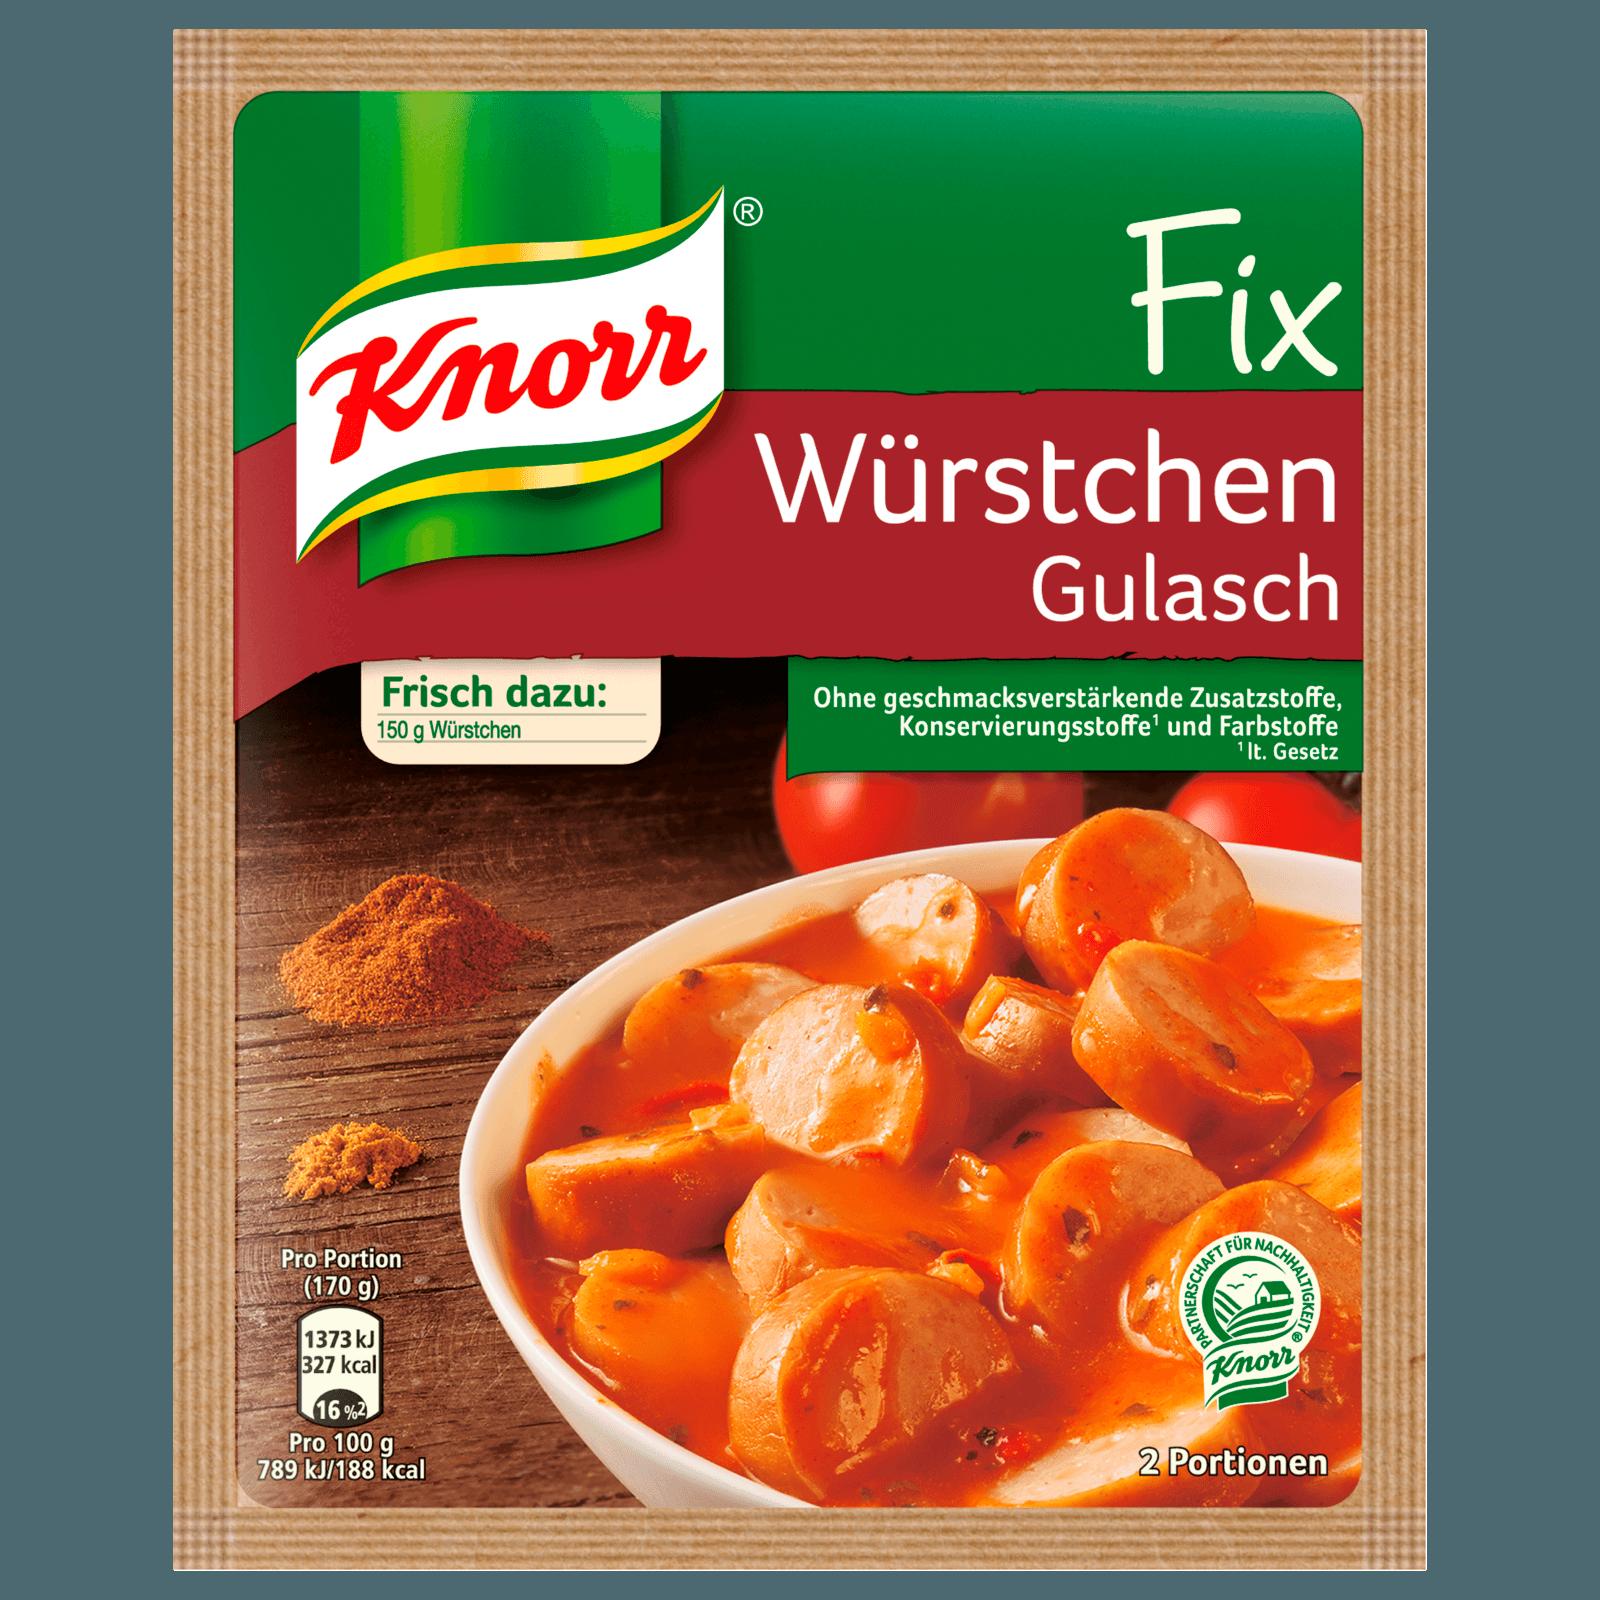 Knorr Fix Würstchen Gulasch 2 Portionen